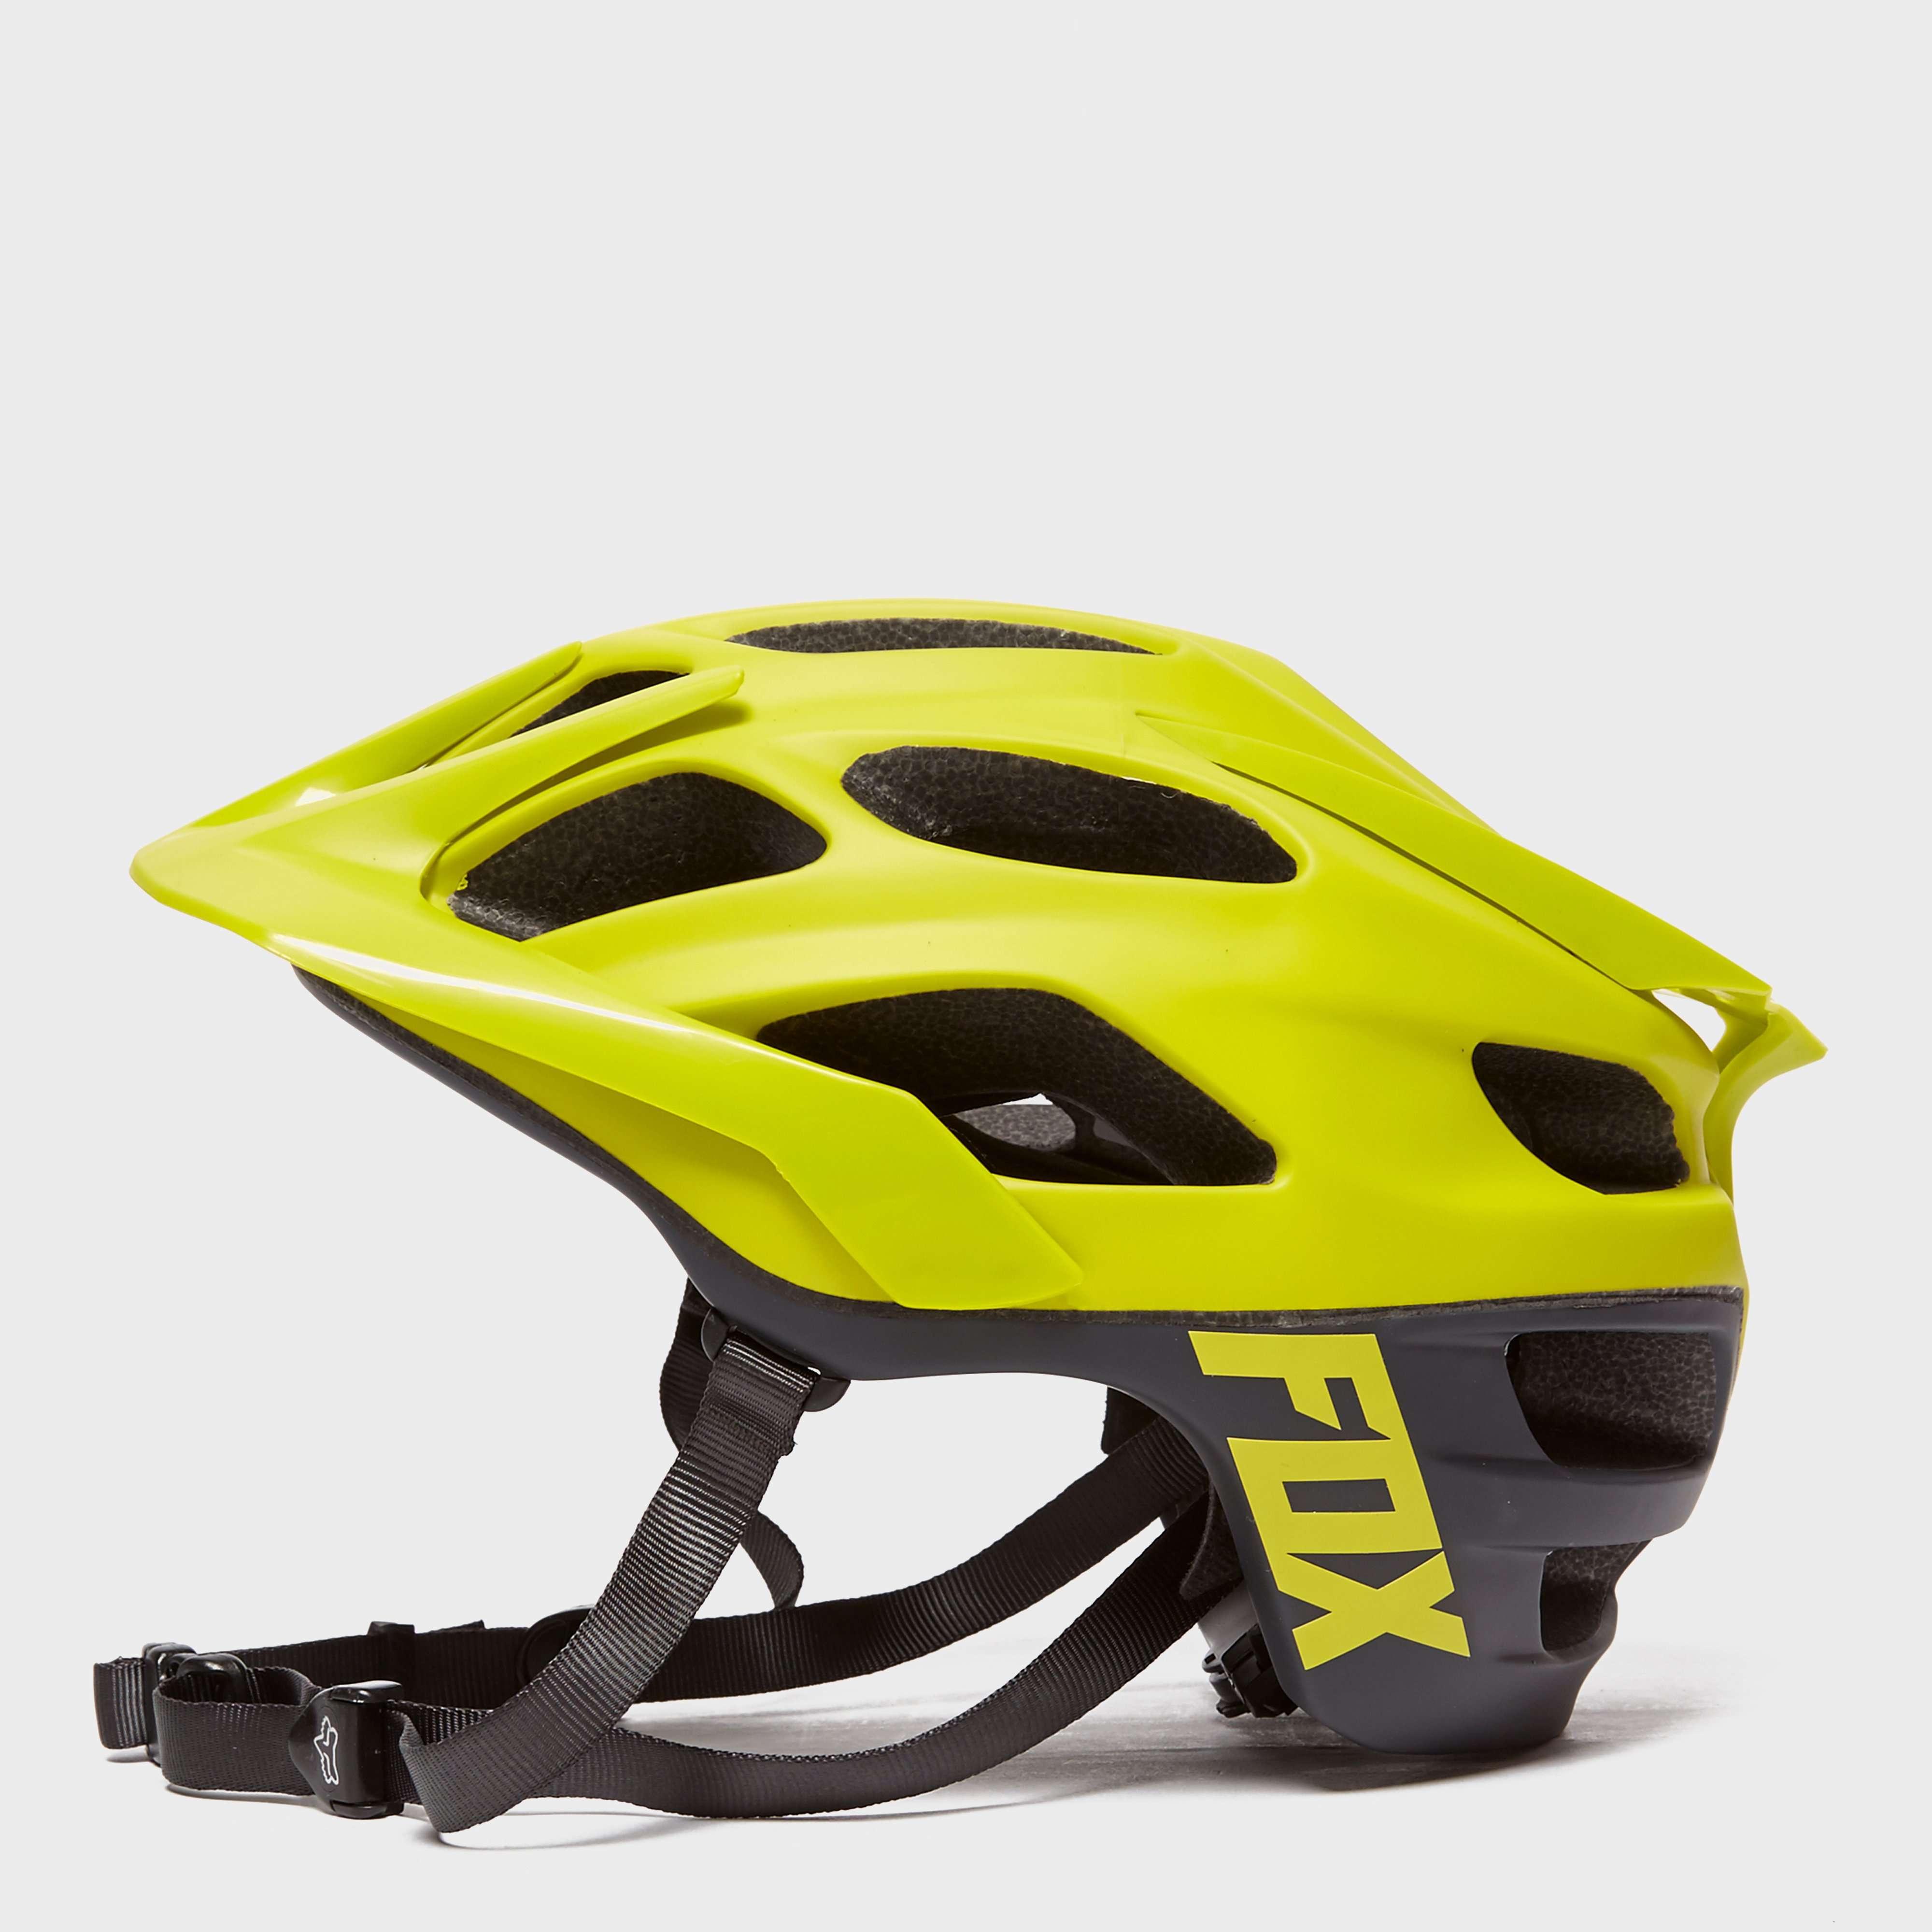 FOX Flux Creo Helmet